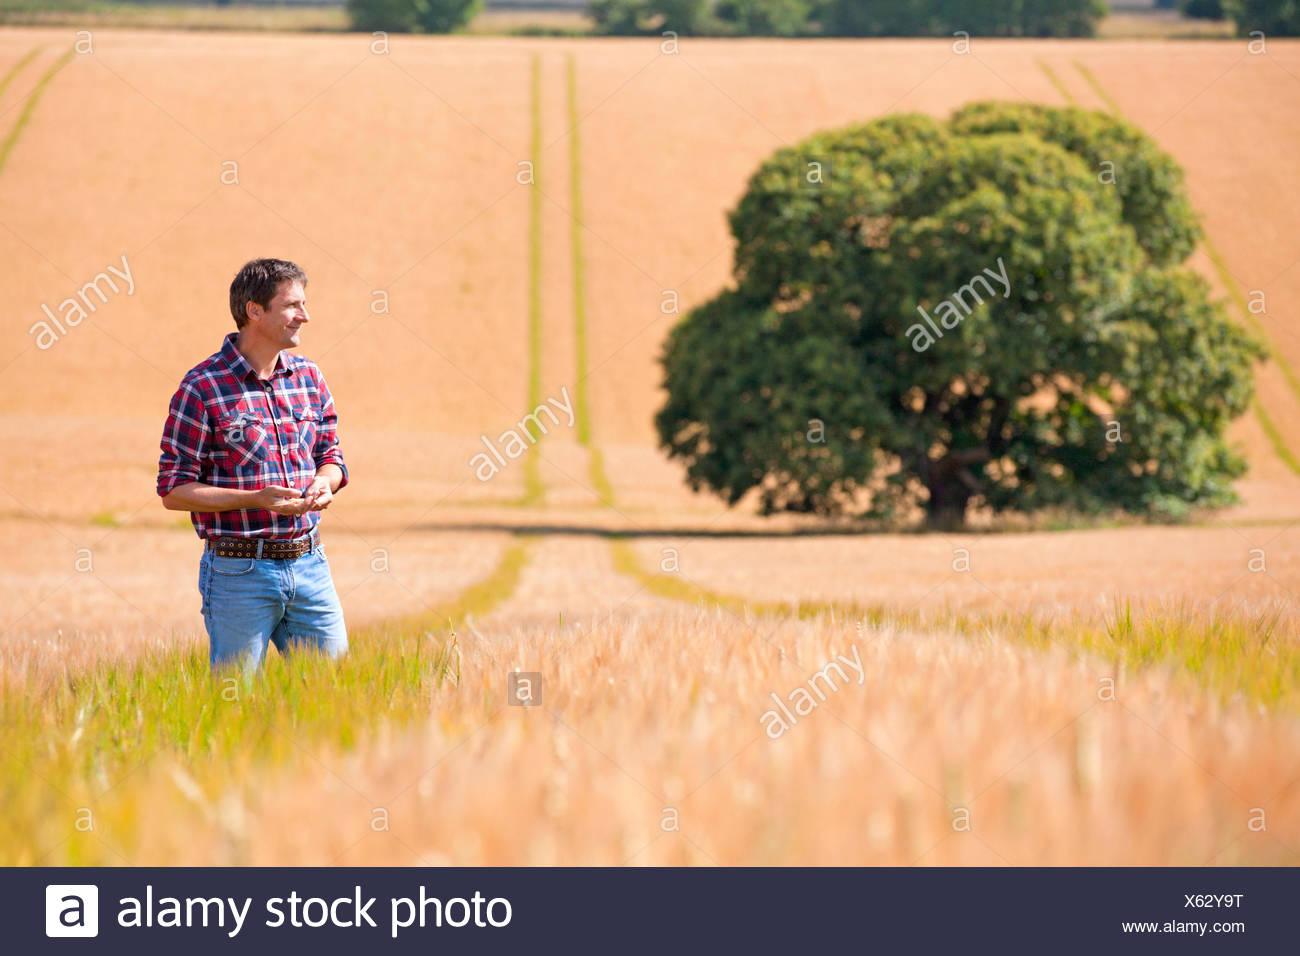 En el soleado permanente agricultor rural campo de cultivo de cebada en verano Imagen De Stock